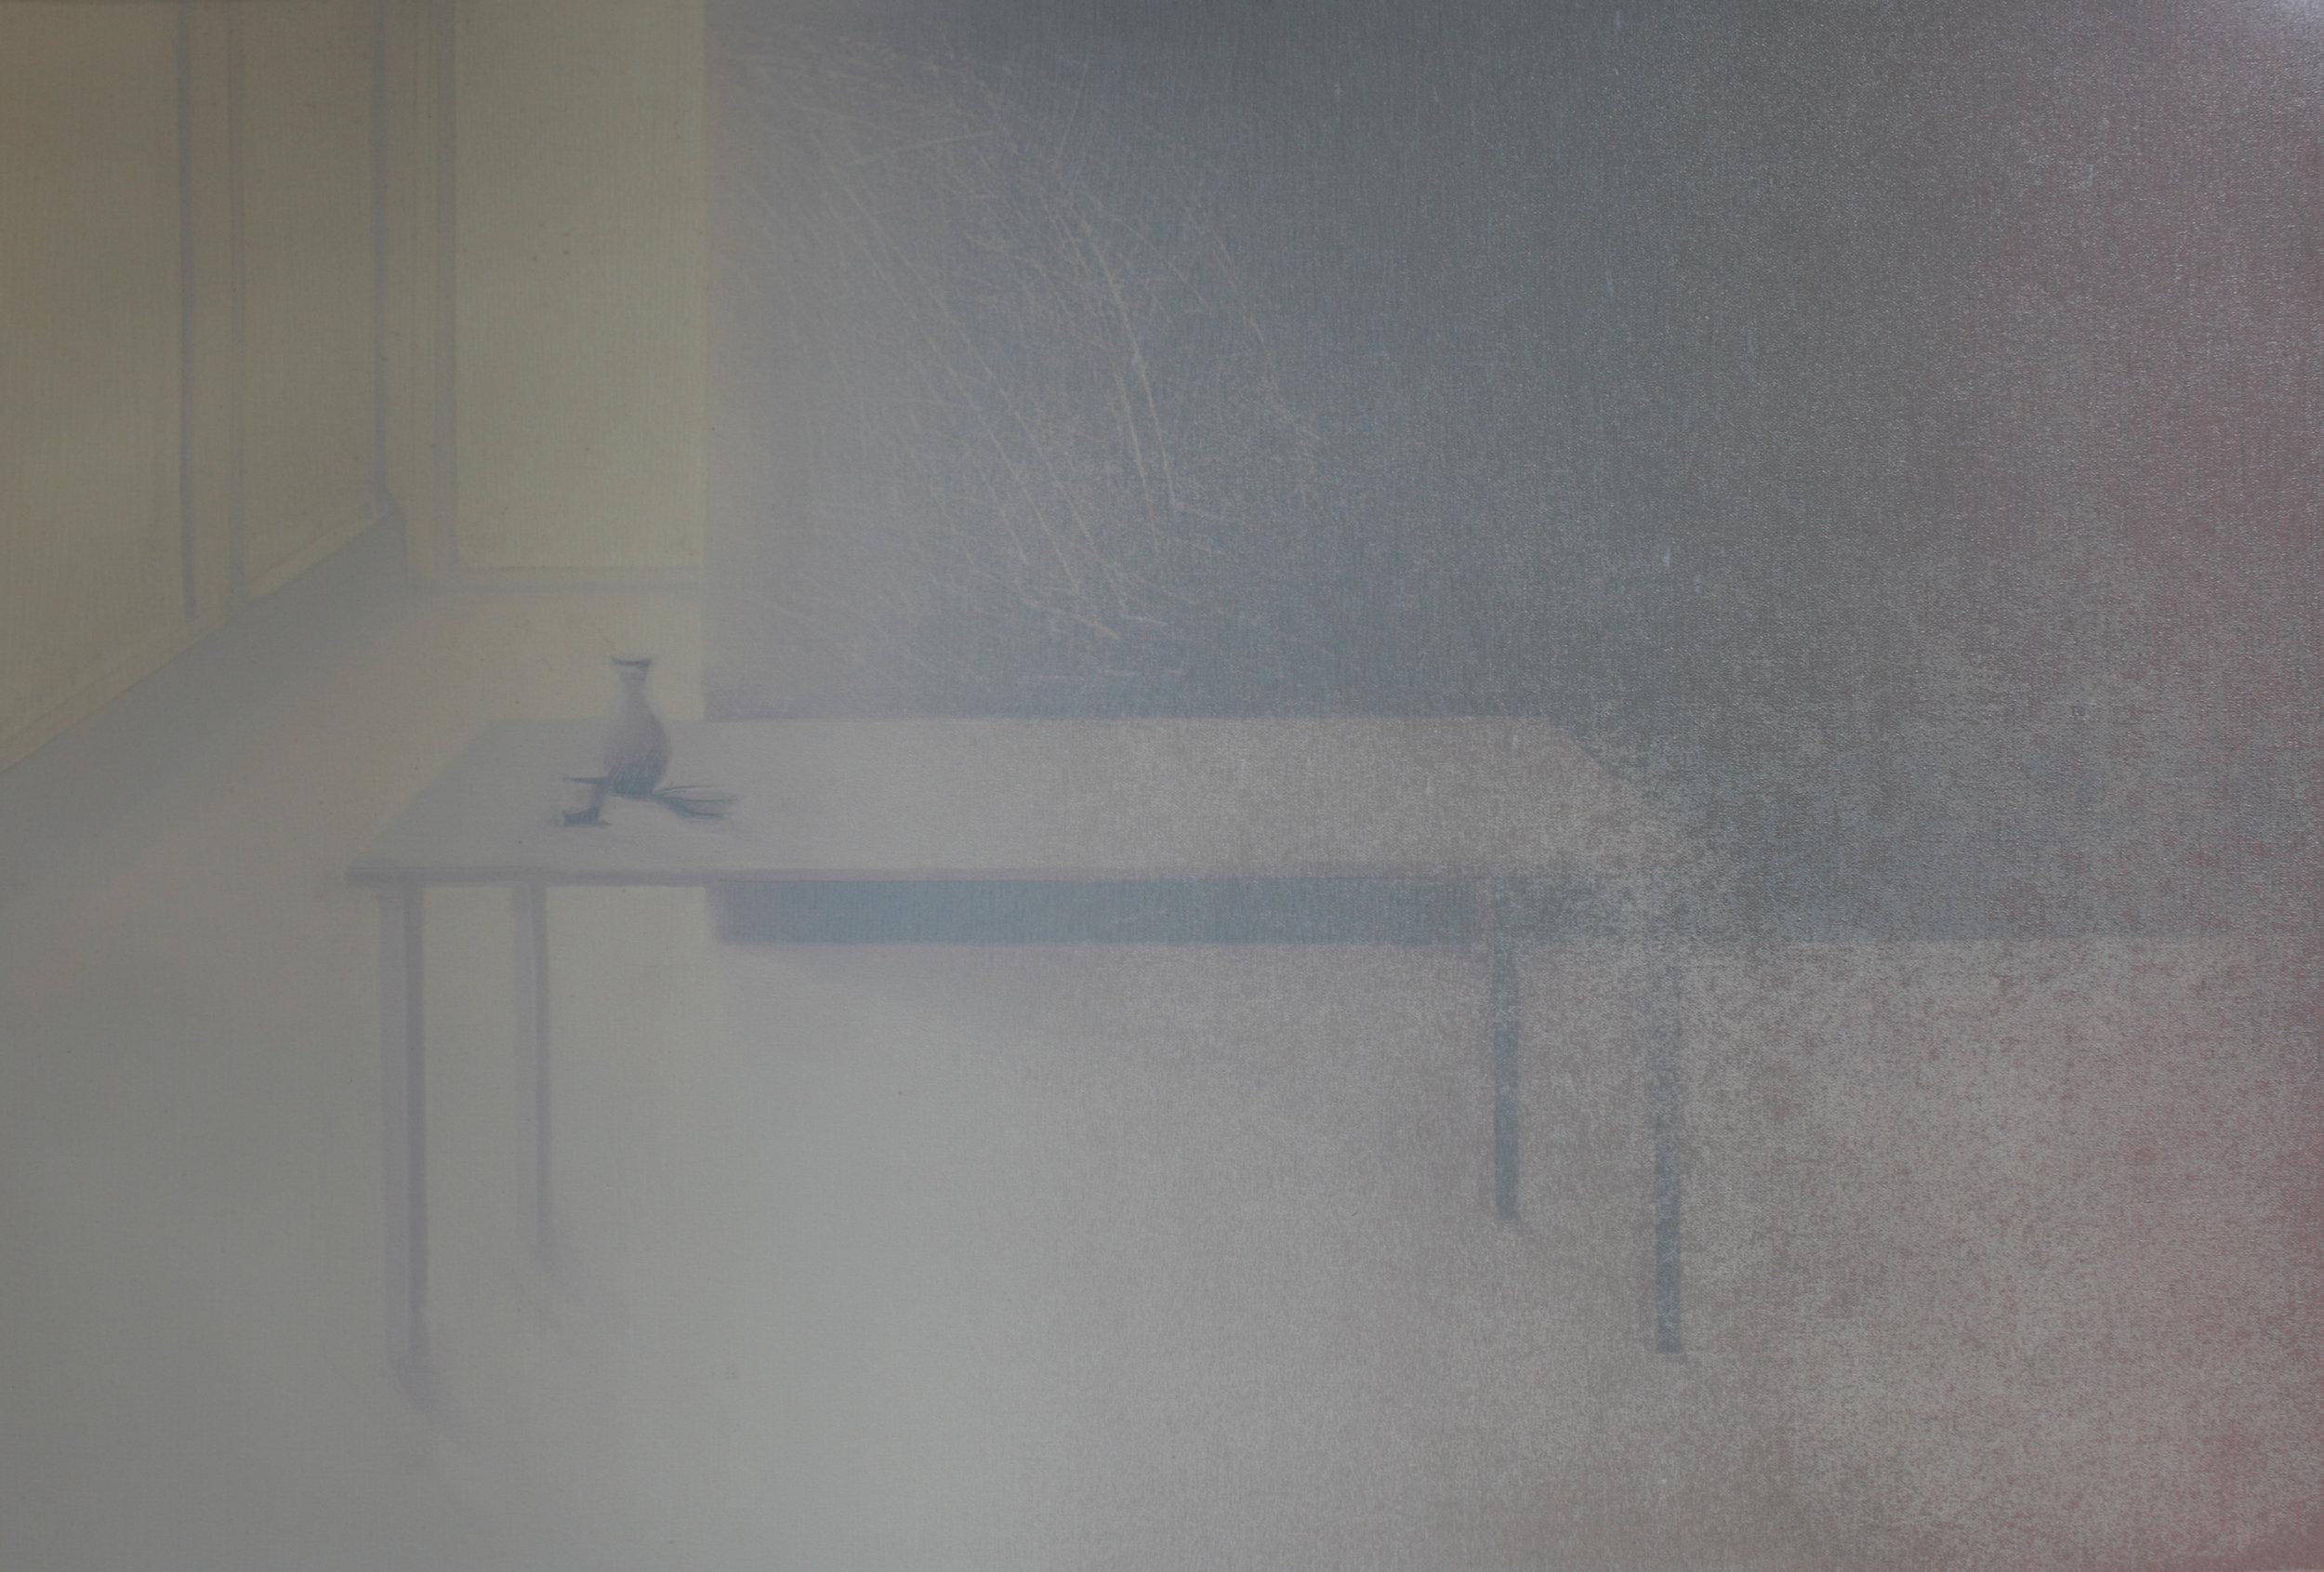 Praween PIANGCHOOMPU, Sanctuary Inside The Soul #33, 2018, Woodcut on Paper, 1 of 4, 57 x 60 cm